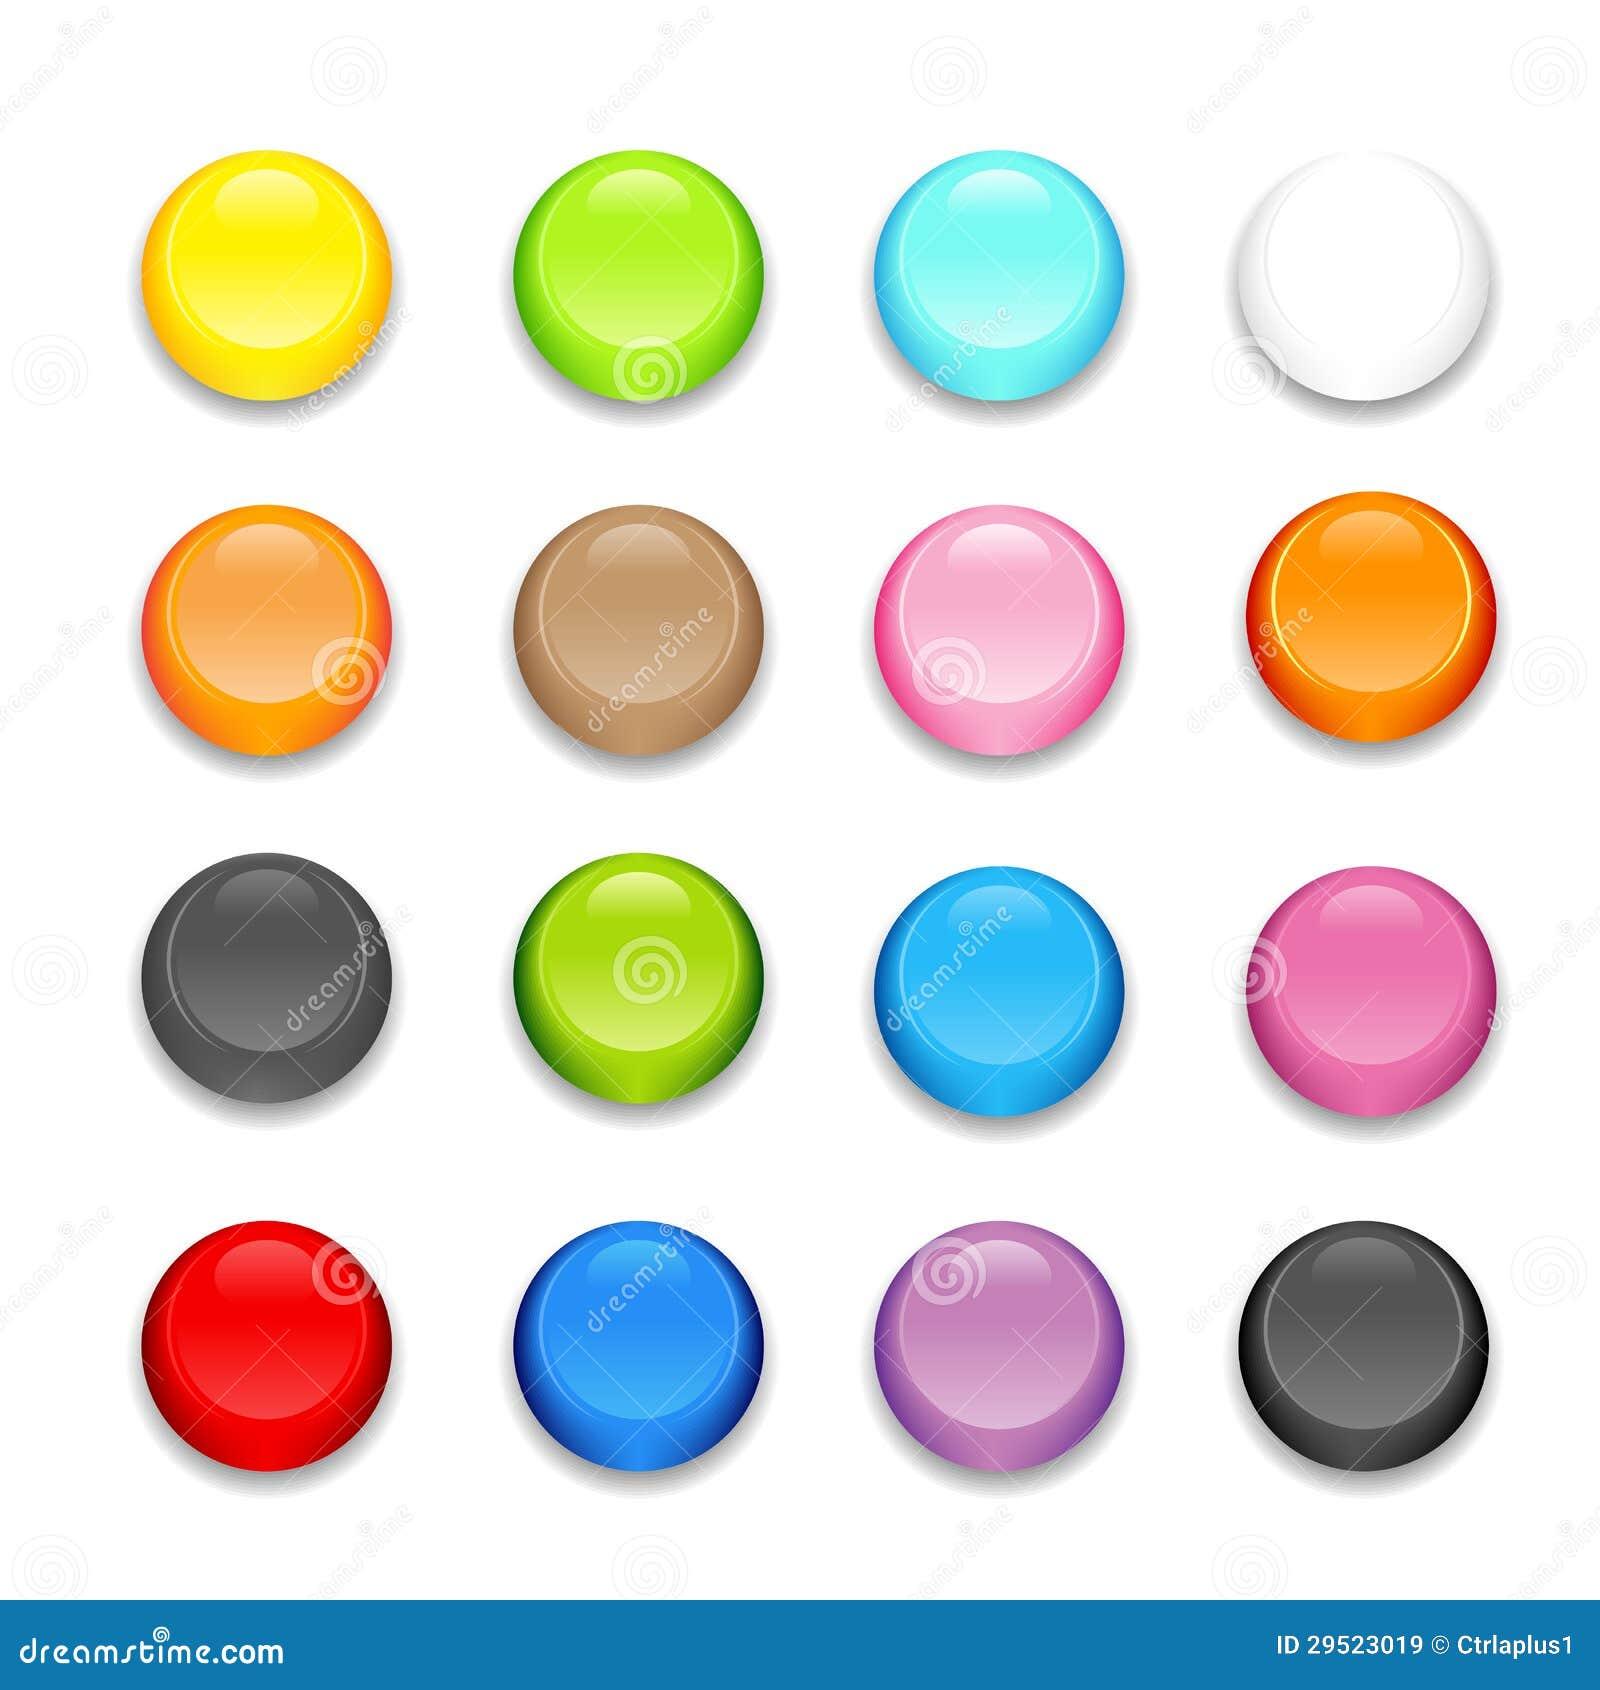 Insieme di disegno dei bottoni di colore pieno.